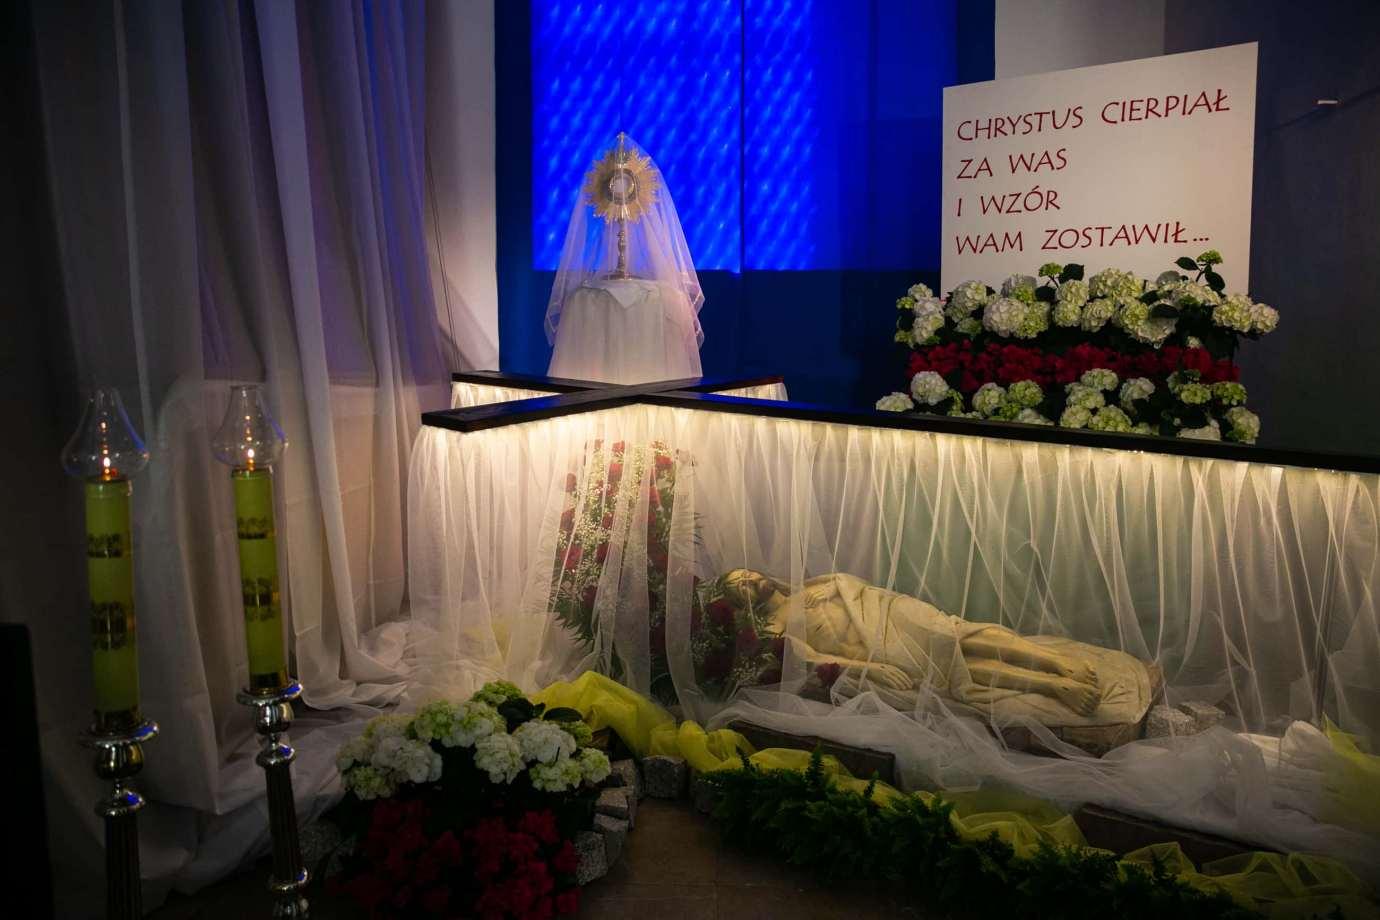 parafia katedralna zmartwychwstania panskiego i sw tomasza apostola w zamosciu 4 Zdjęcia grobów pańskich w zamojskich świątyniach